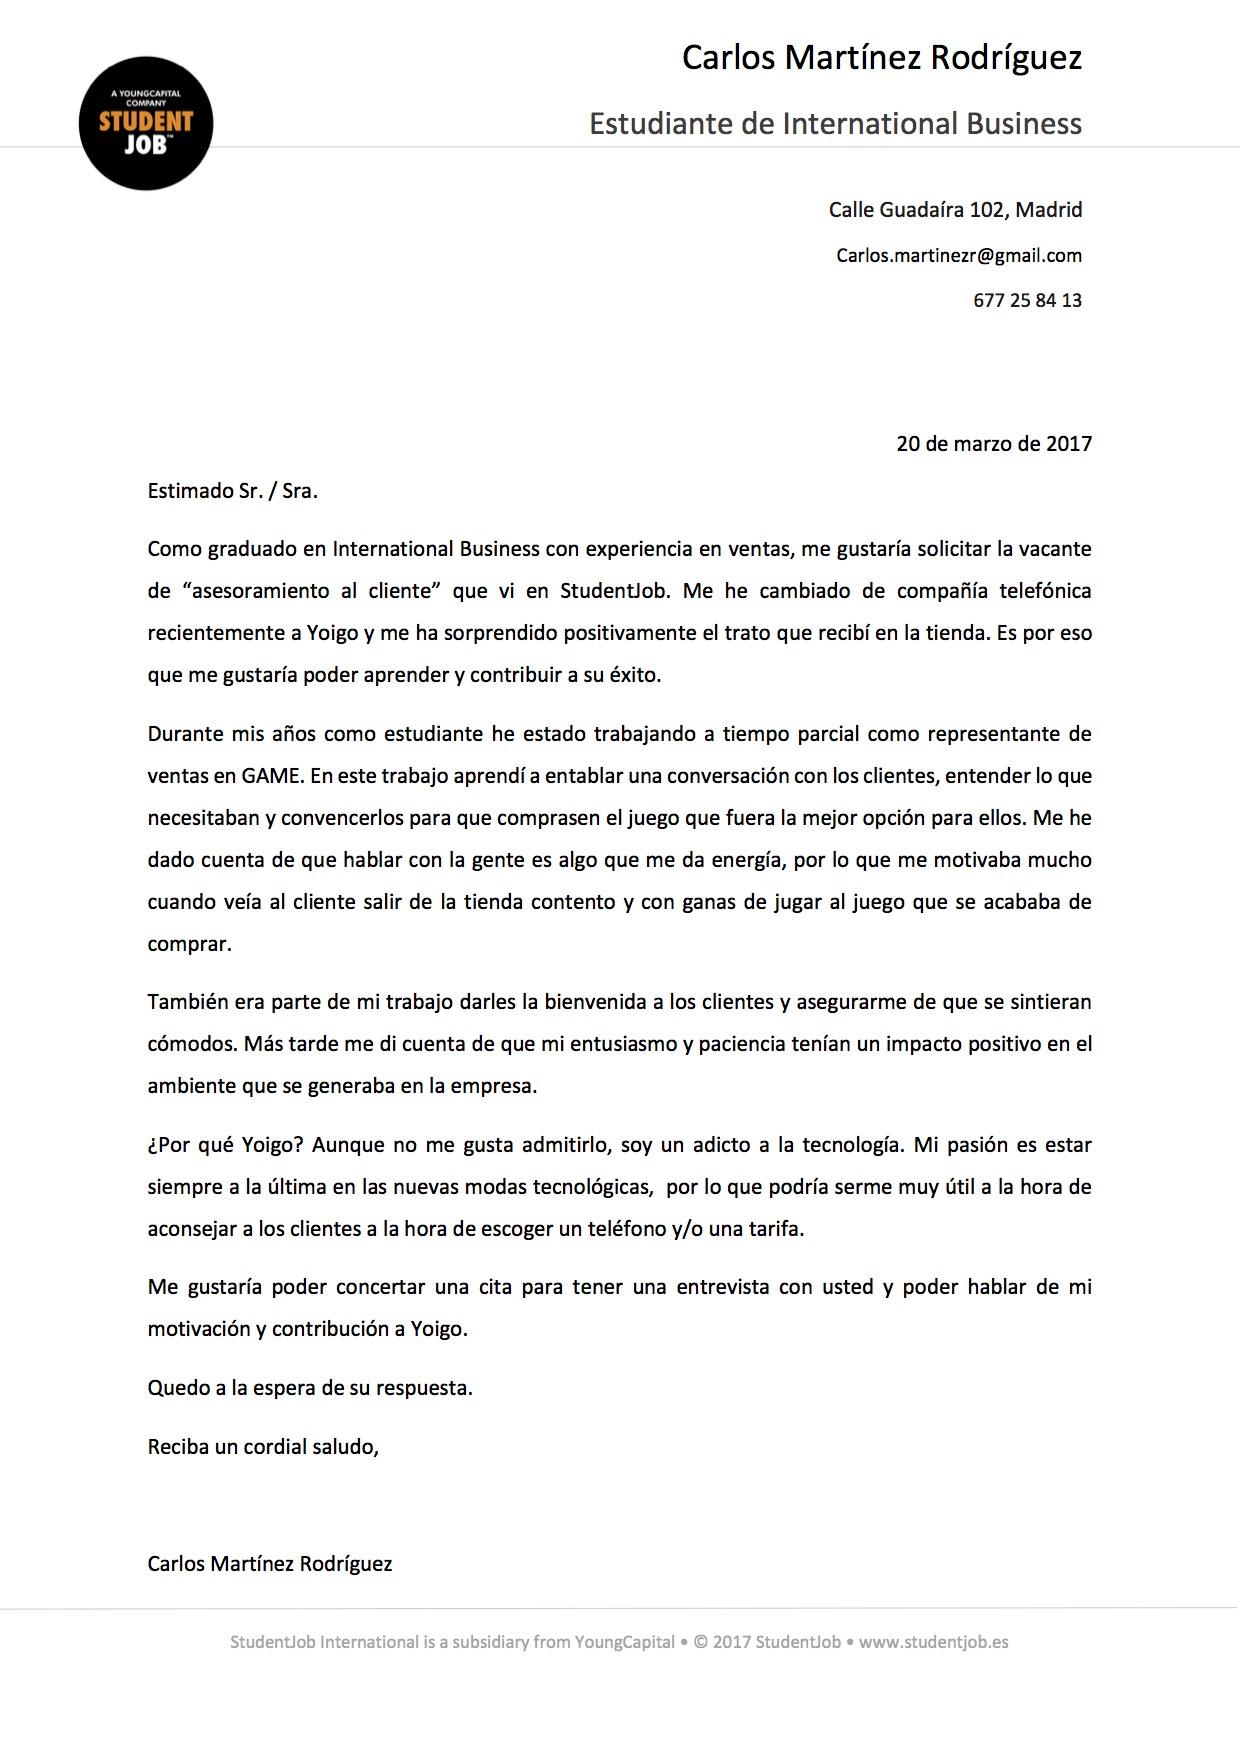 La Carta de presentación | Consejos | StudentJob ES